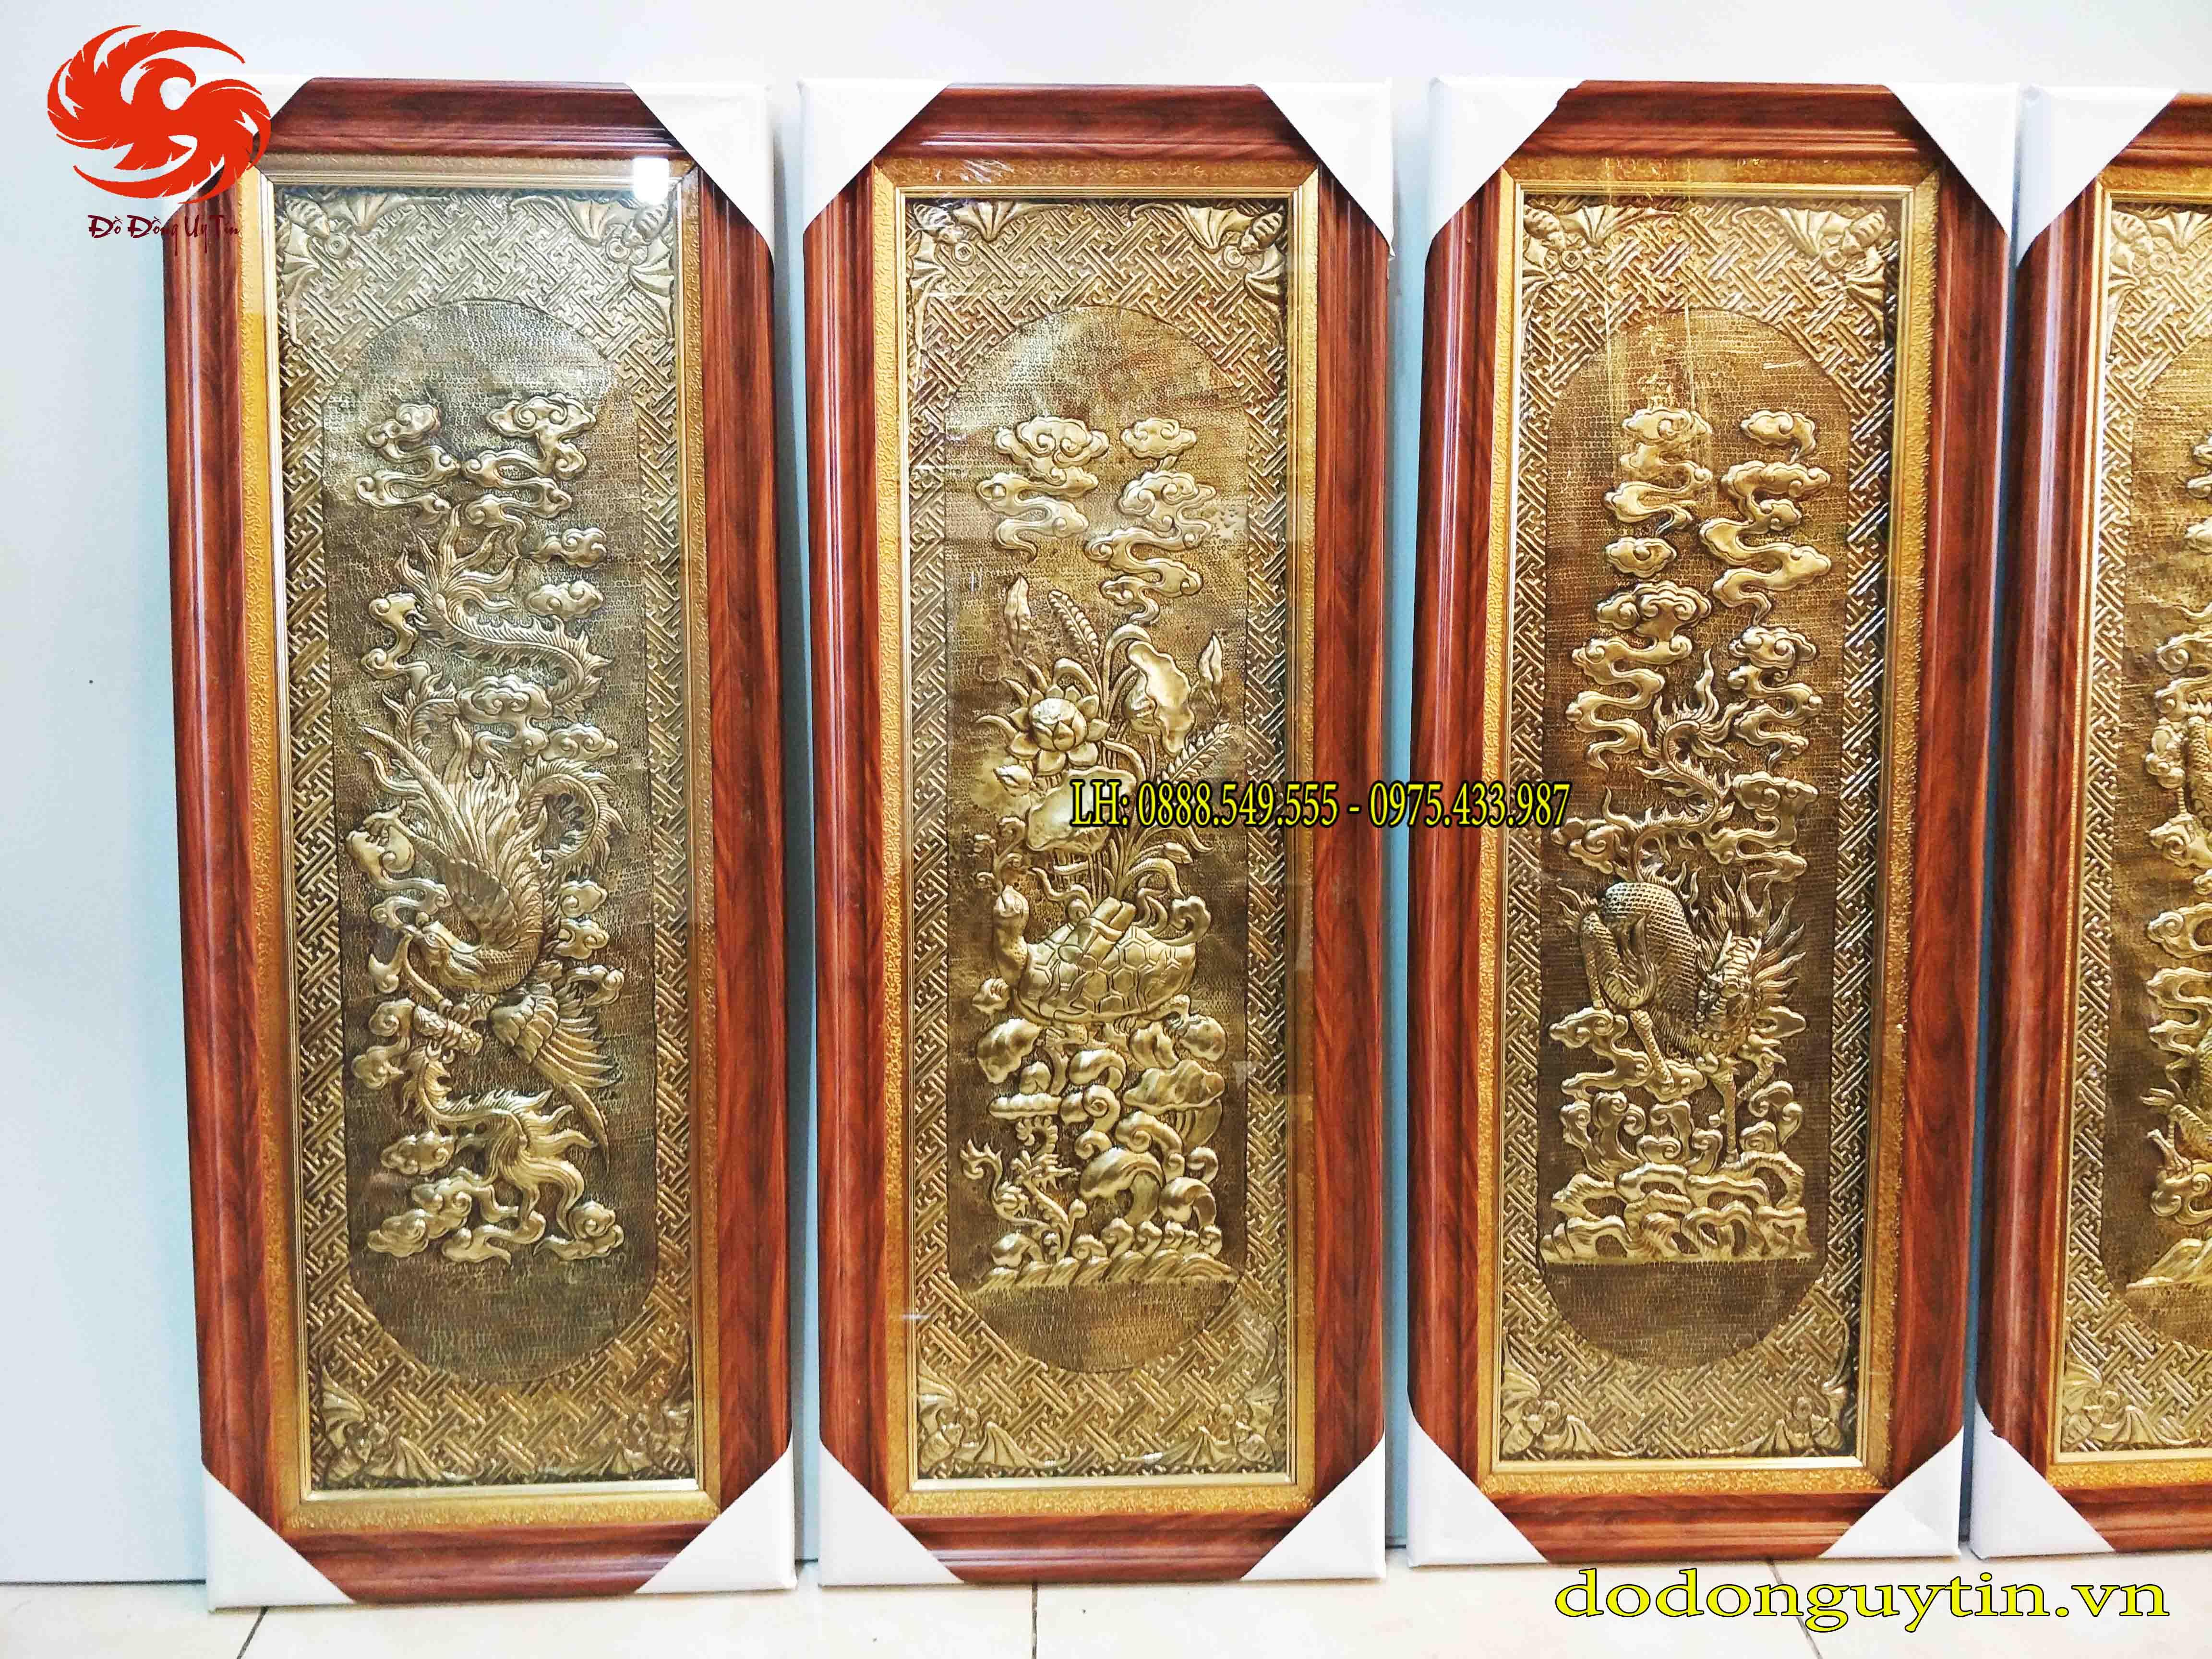 Tranh đồng Tứ linh đồng vàng giả cổ 40cm x 1m00